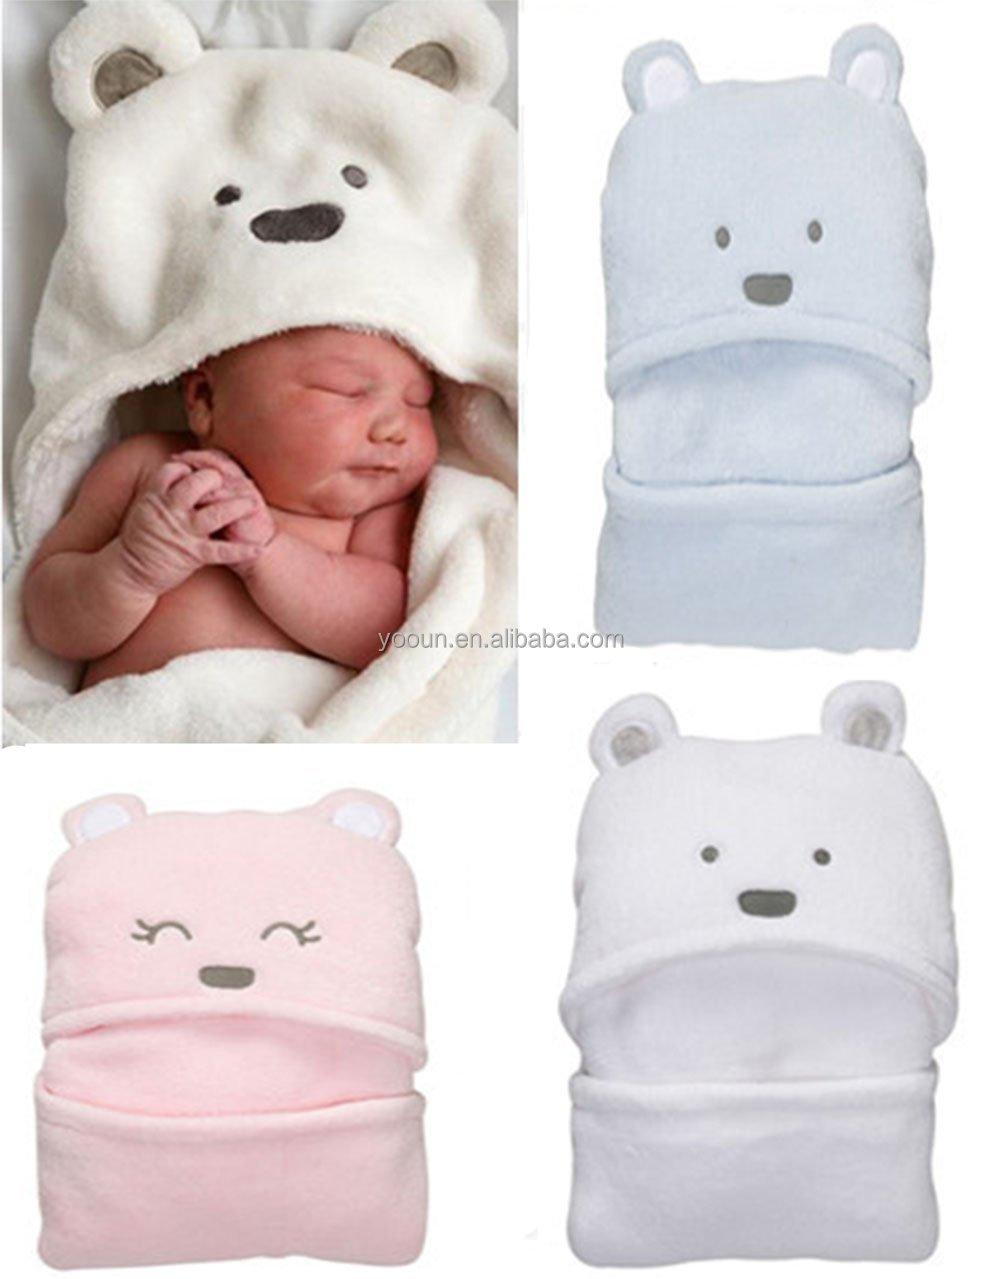 Sweet Soft Baby Towel,Hooded Baby Bath Towel - Buy Baby Towel,Hooded ...